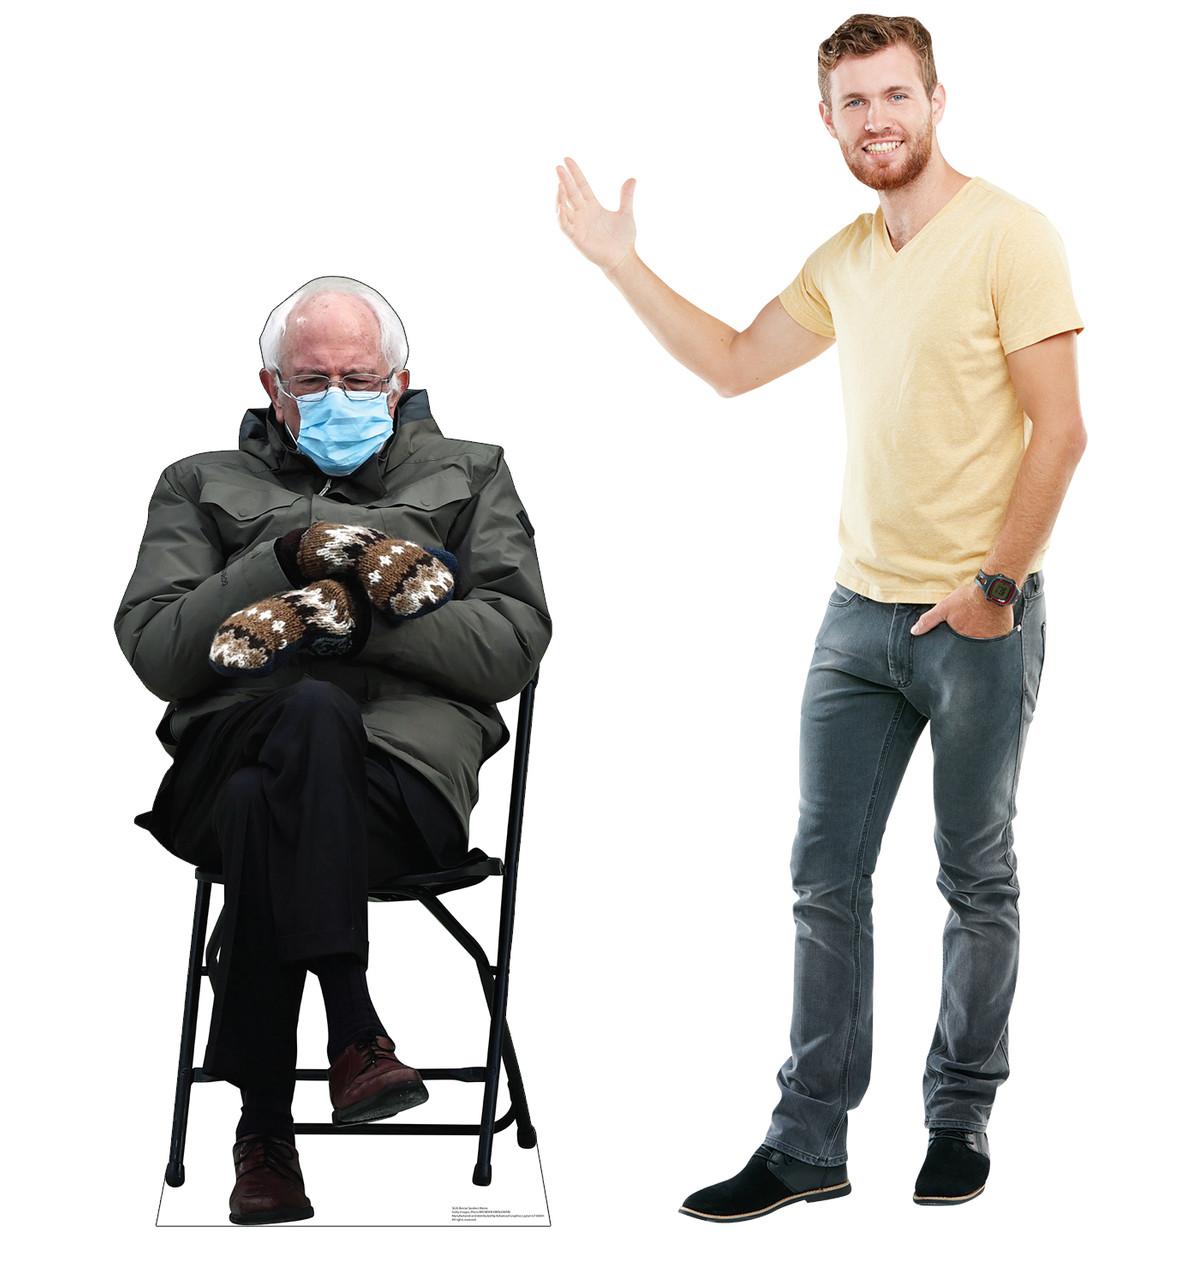 Bernie Sanders Meme Standee 3626